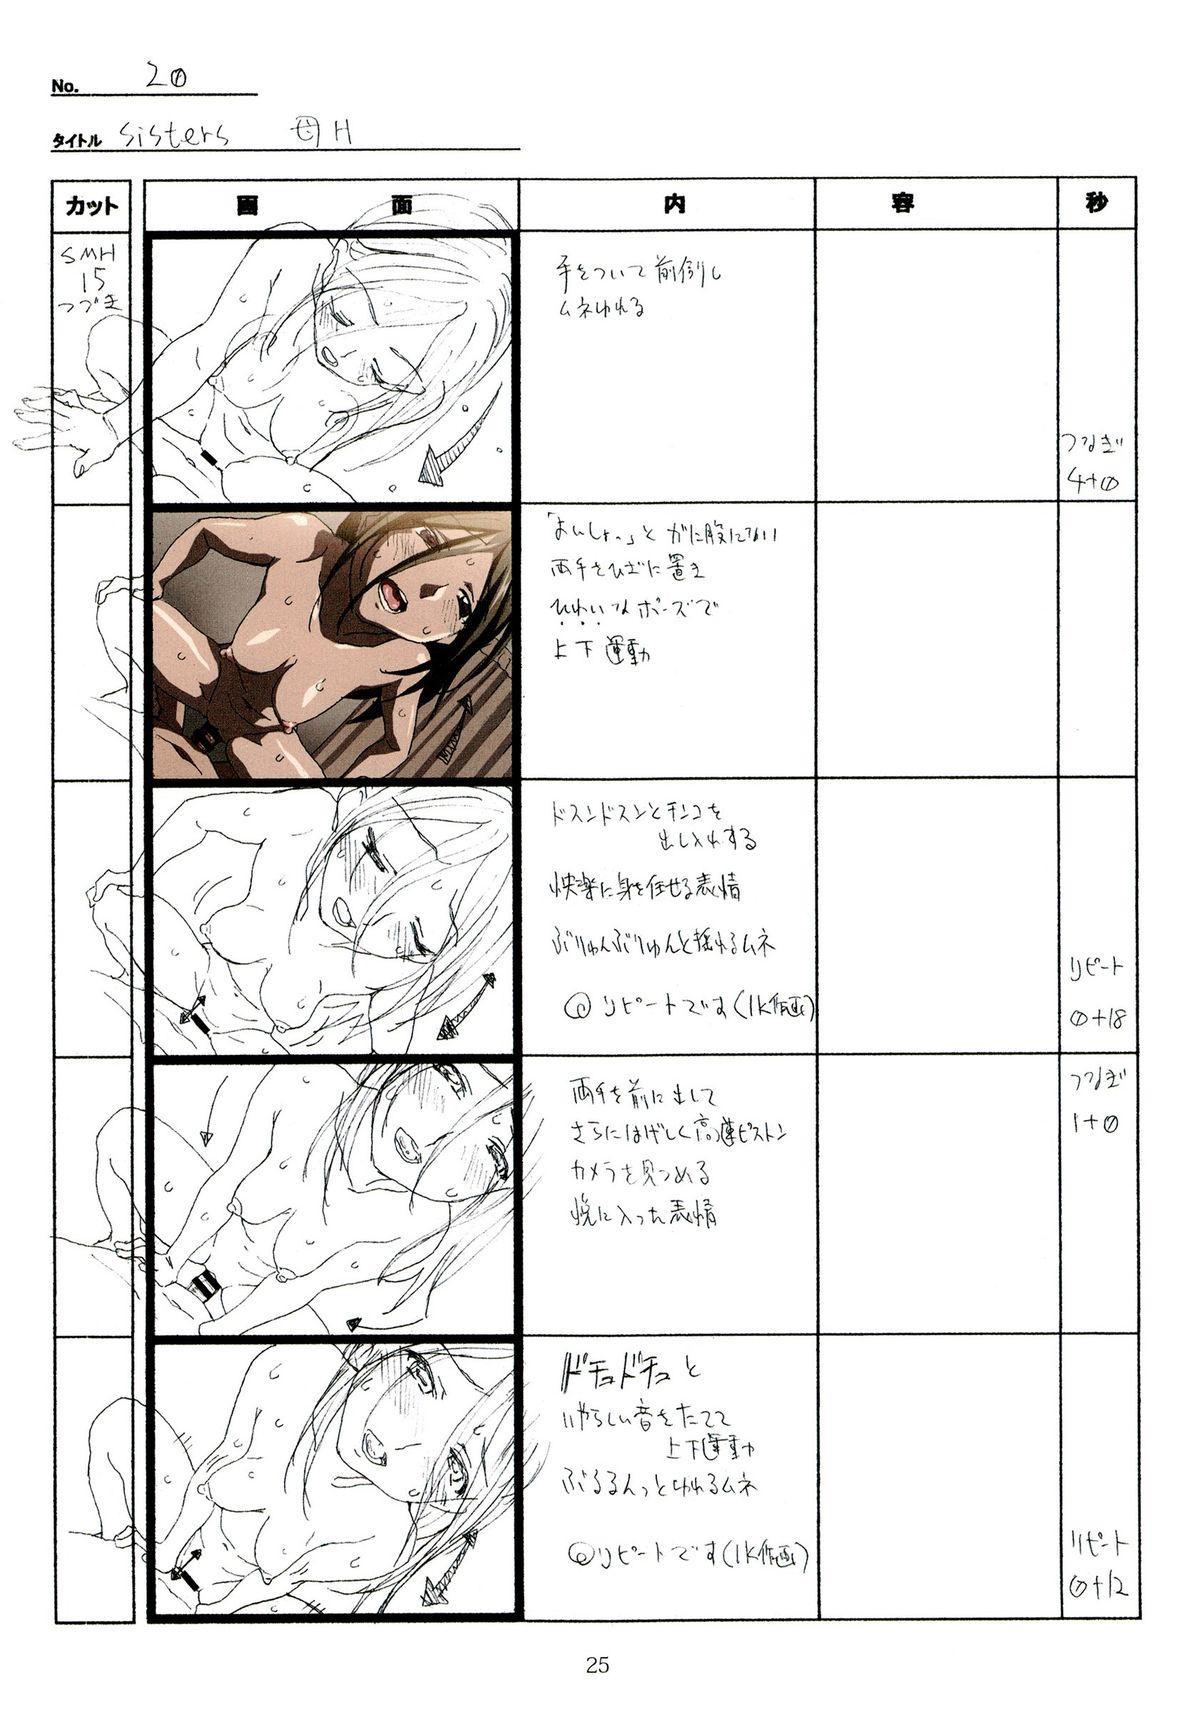 (C89) [Makino Jimusho (Taki Minashika)] SISTERS -Natsu no Saigo no Hi- H Scene All Part Storyboard (SISTERS -Natsu no Saigo no Hi-) 24